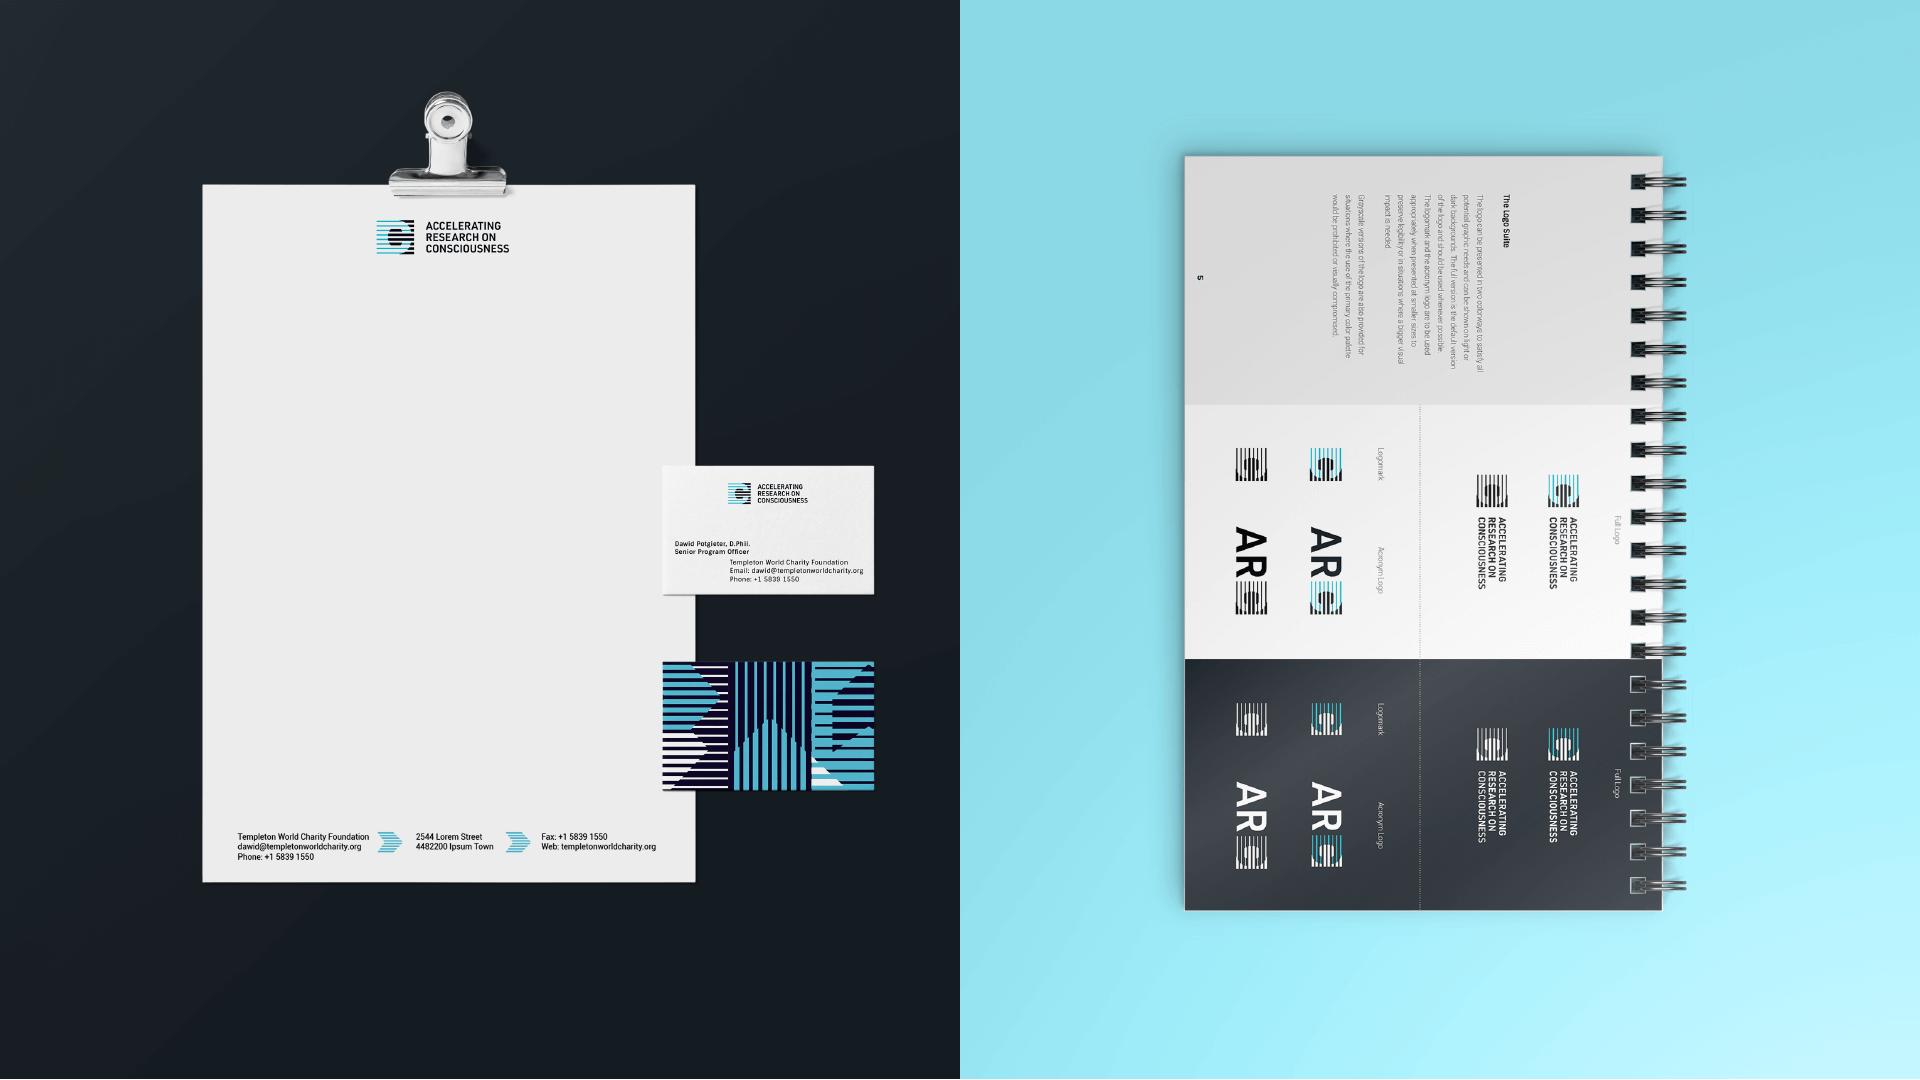 kurzgesagt_arc_brandidentity_design-5